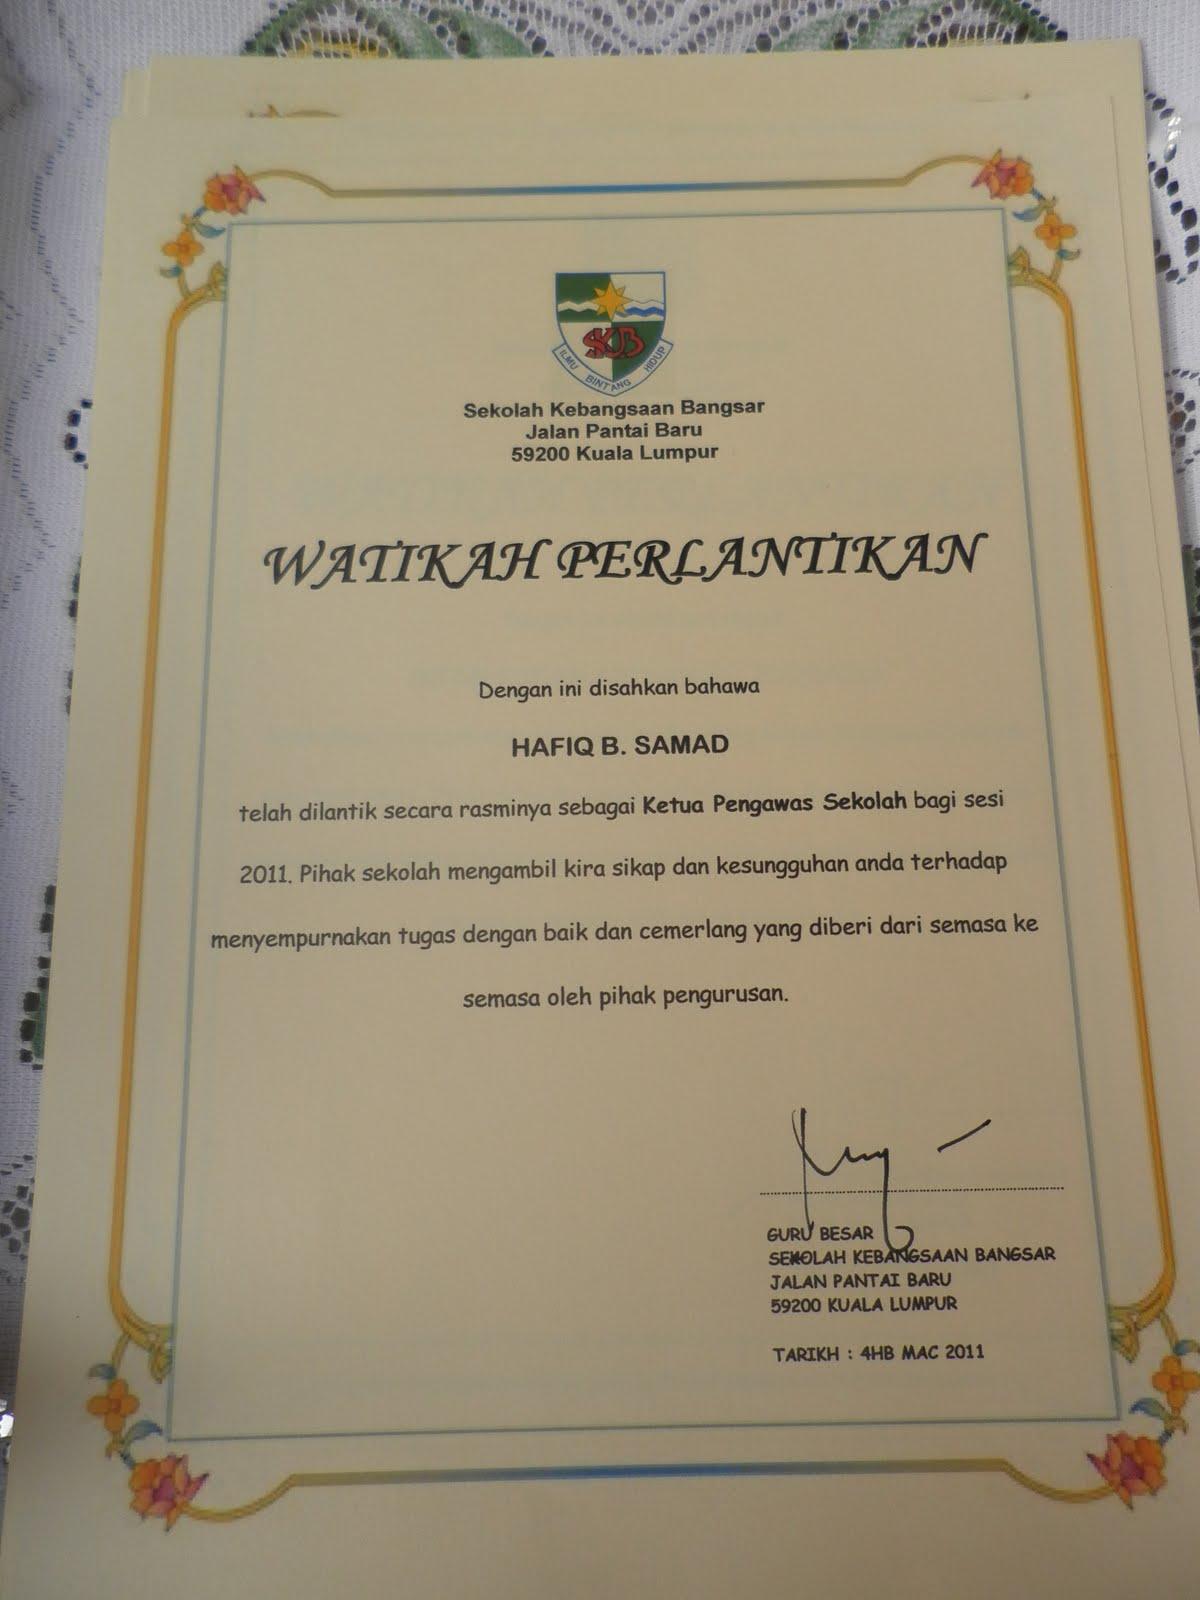 PUSAT SUMBER SEKOLAH: Majlis Watikah Pelantikan Pengawas ... | 1200 x 1600 jpeg 129kB